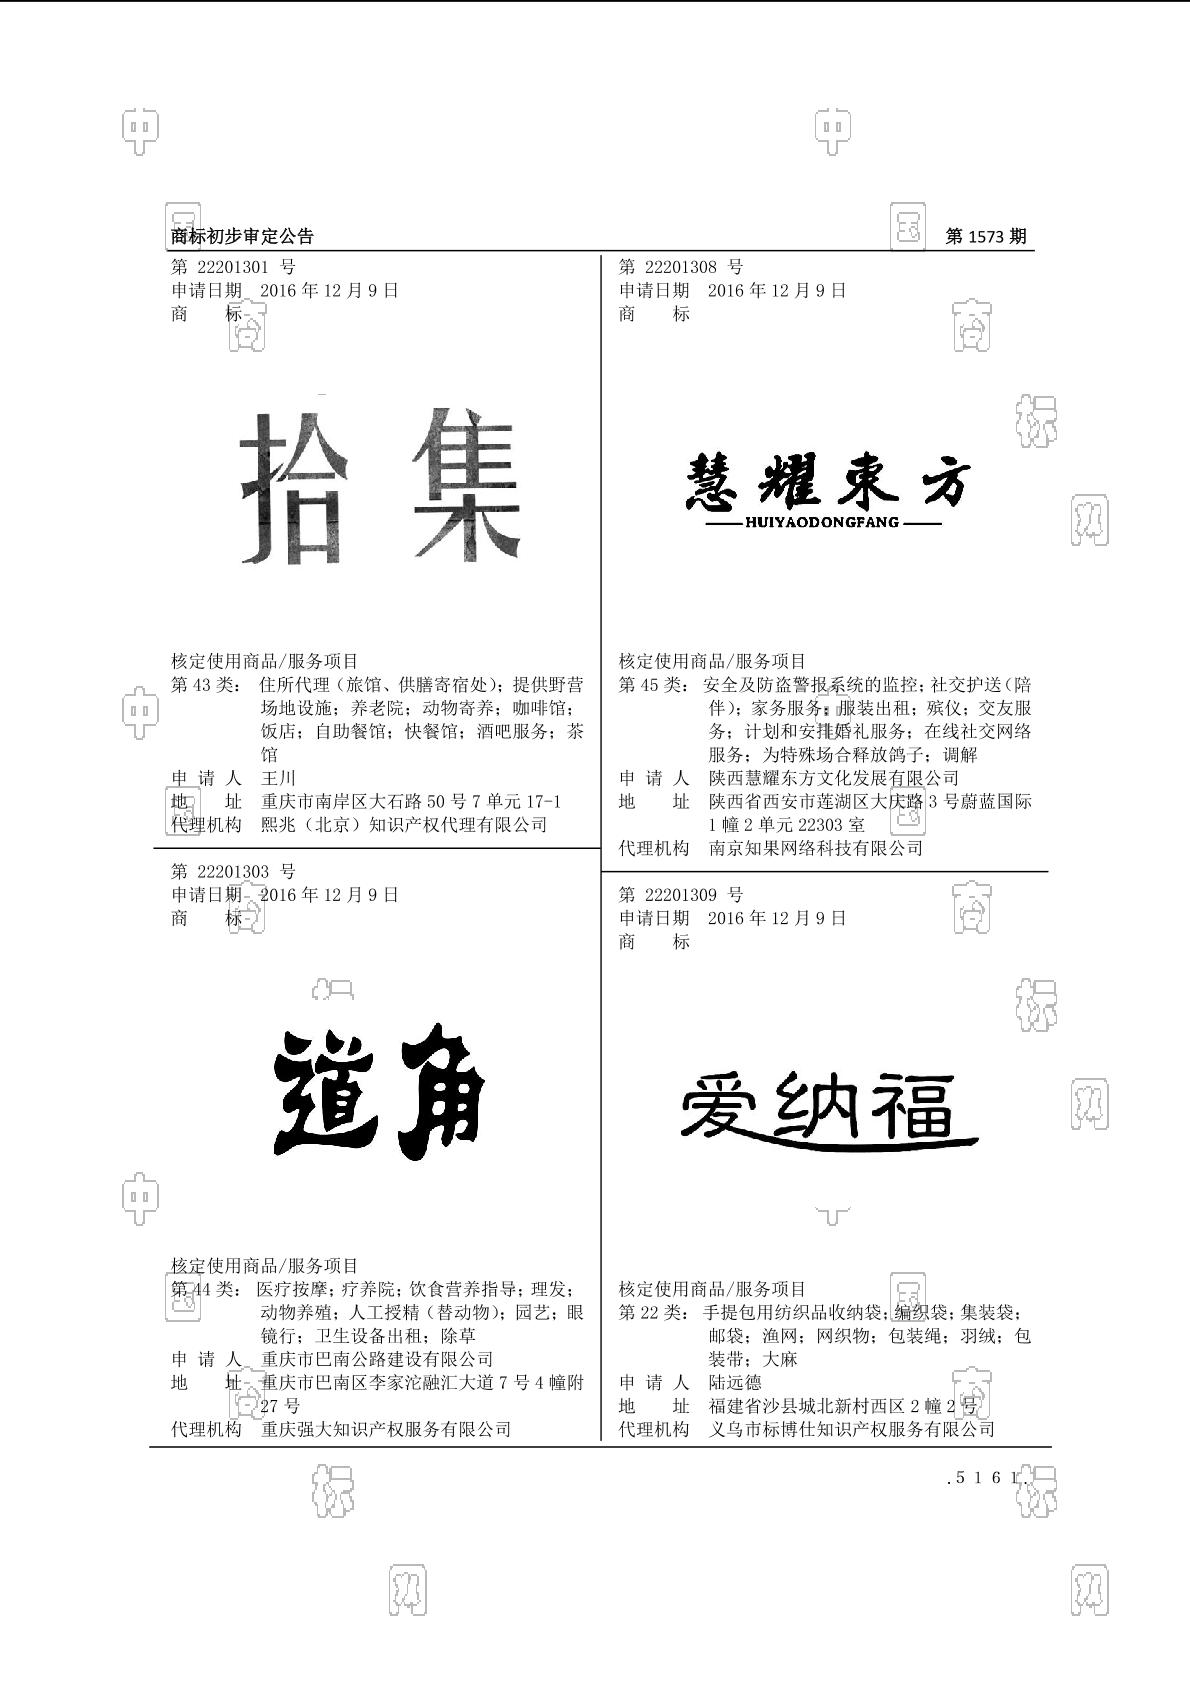 【社标网】道角商标状态注册号信息 重庆市巴南公路建设有限公司商标信息-商标查询